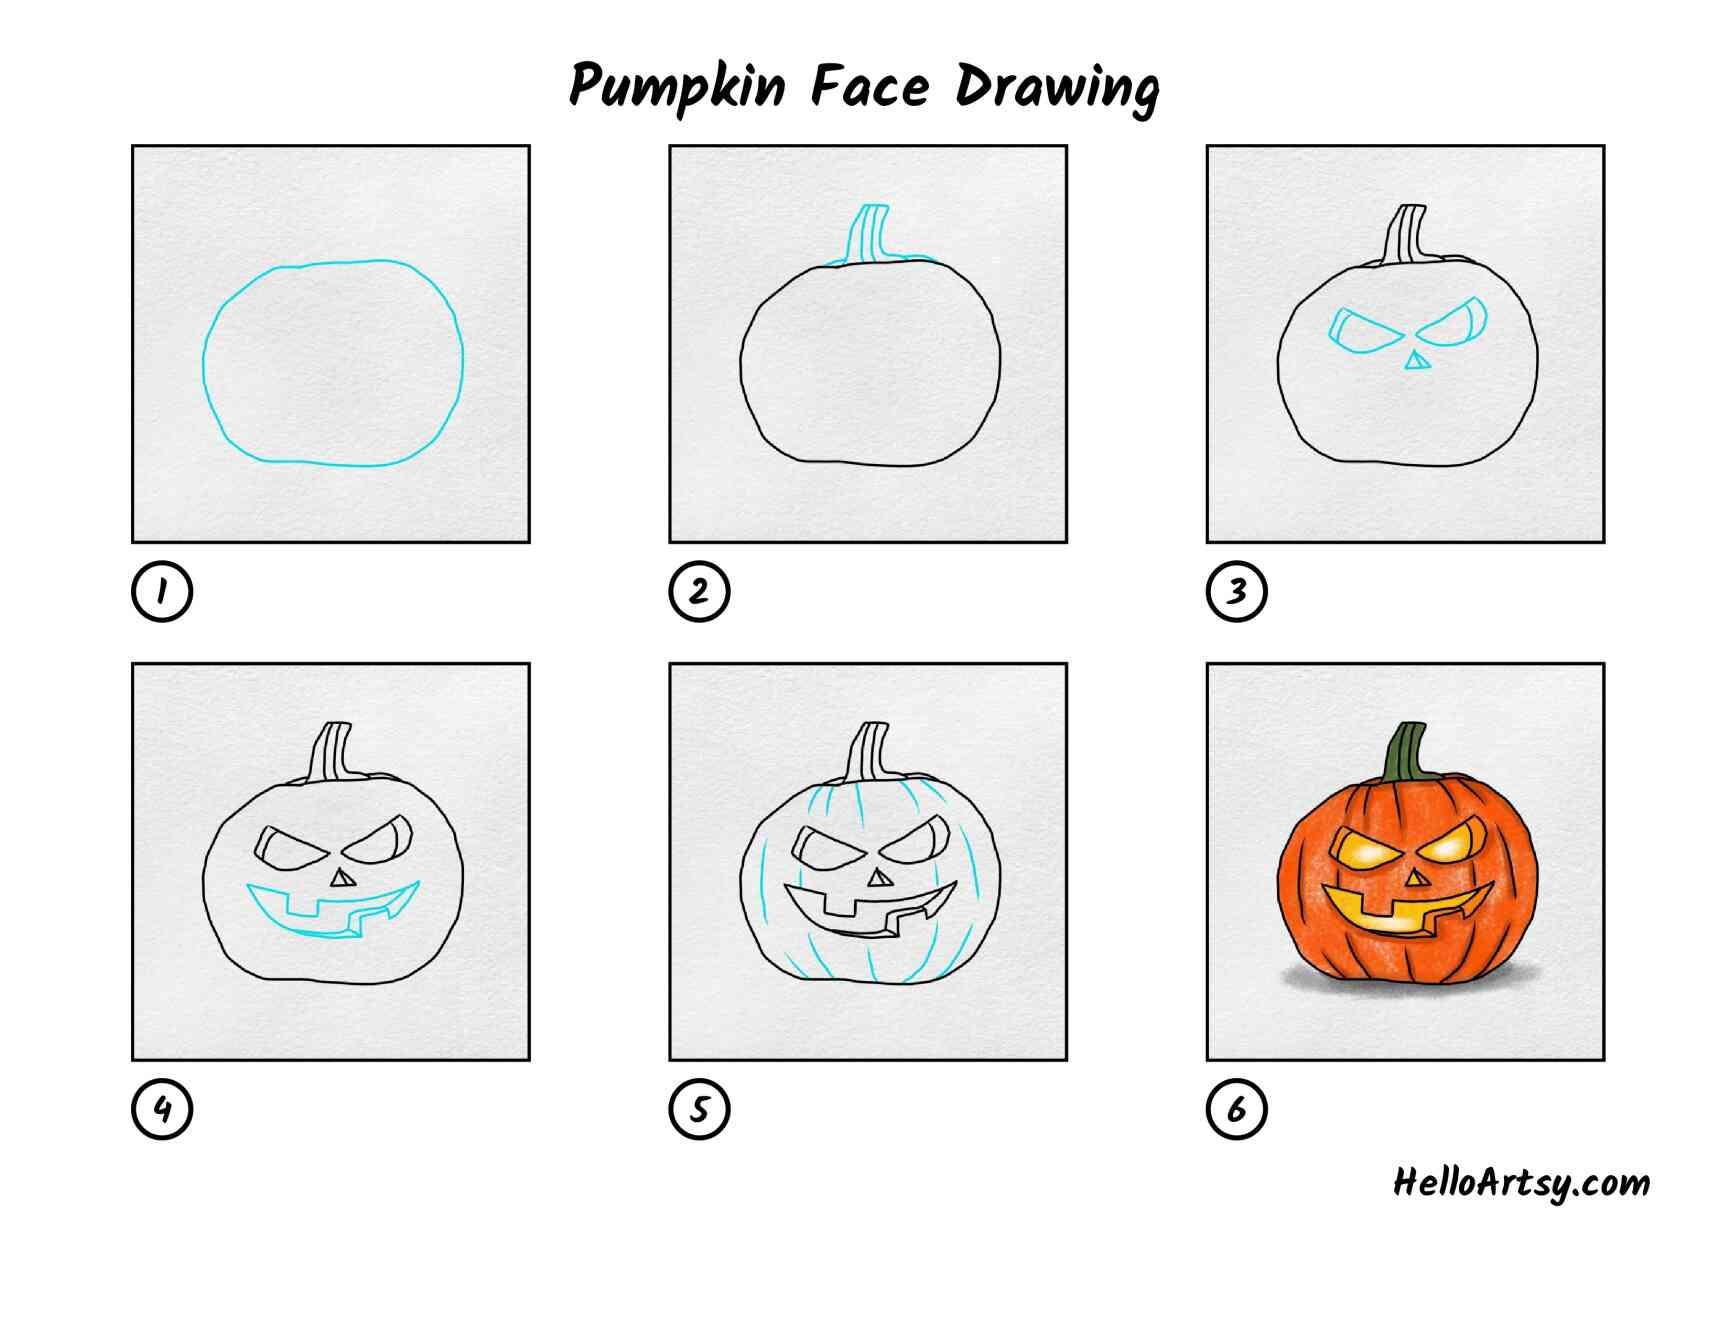 Draw A Pumpkin Face: All Steps